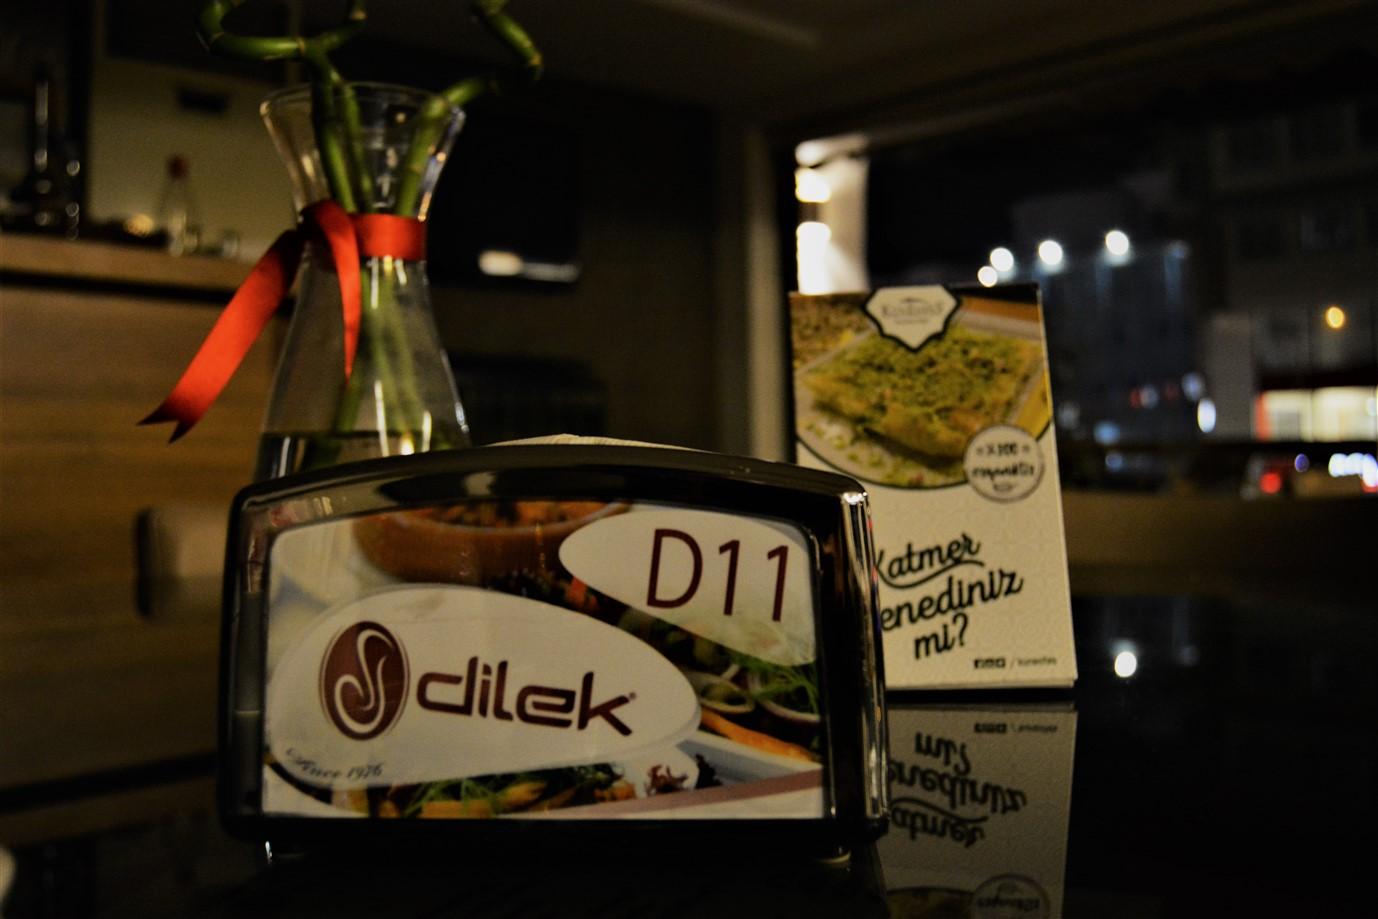 Dilek et restoran (9)